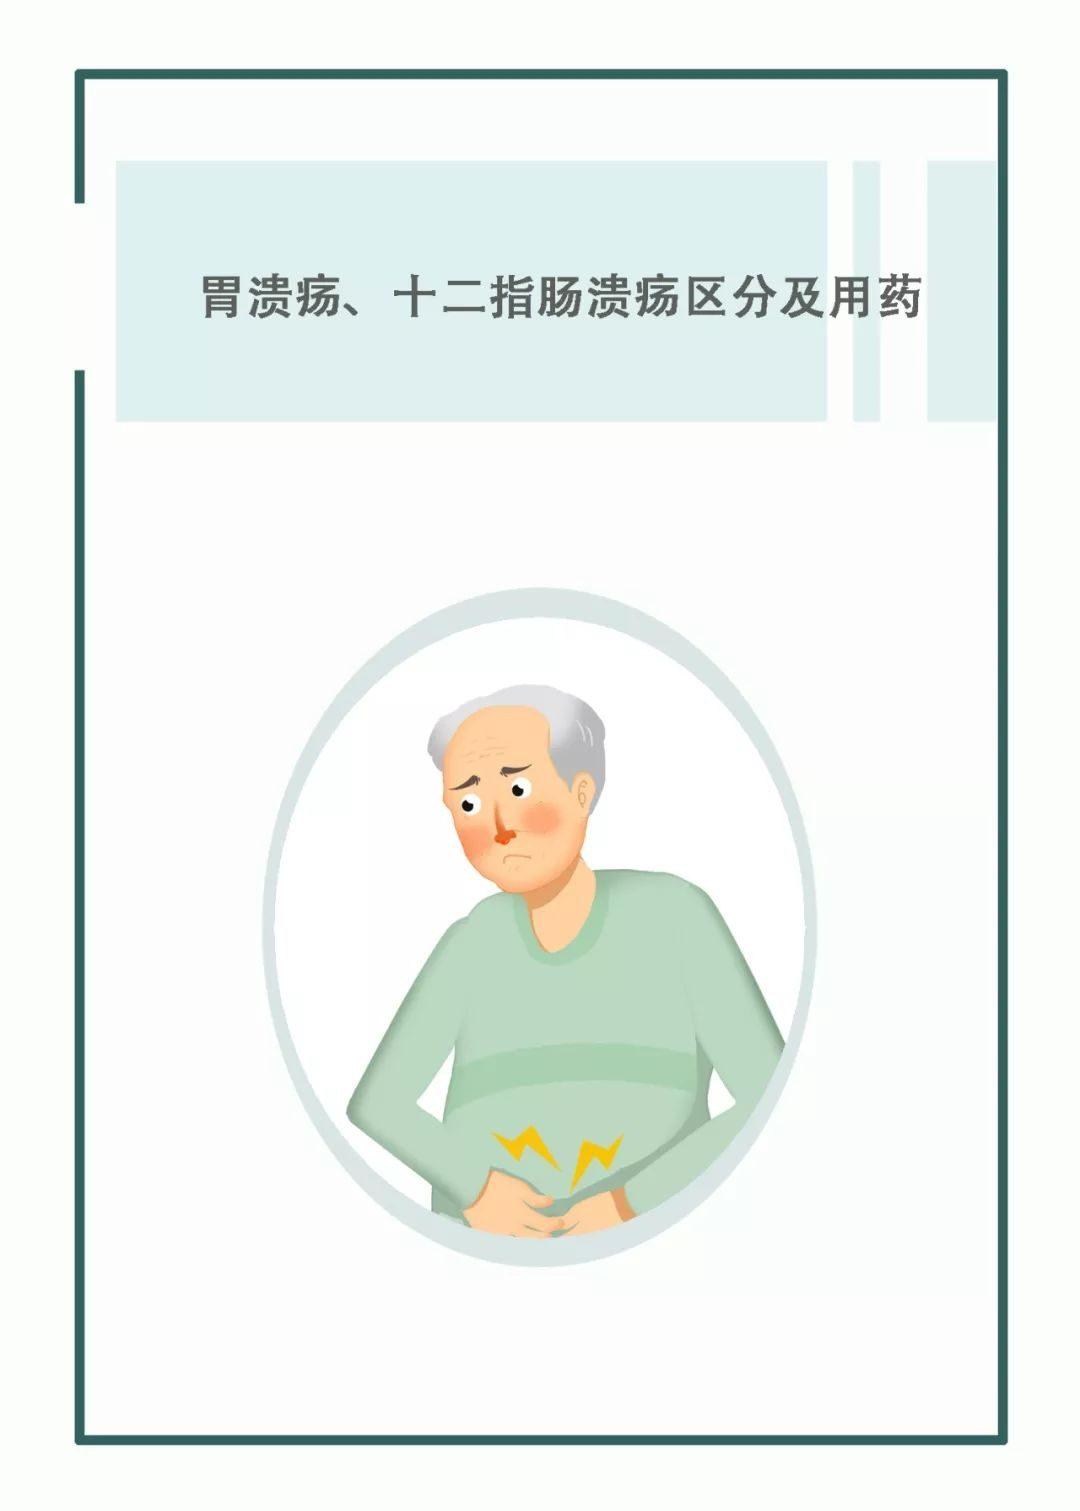 潰瘍 十二指腸